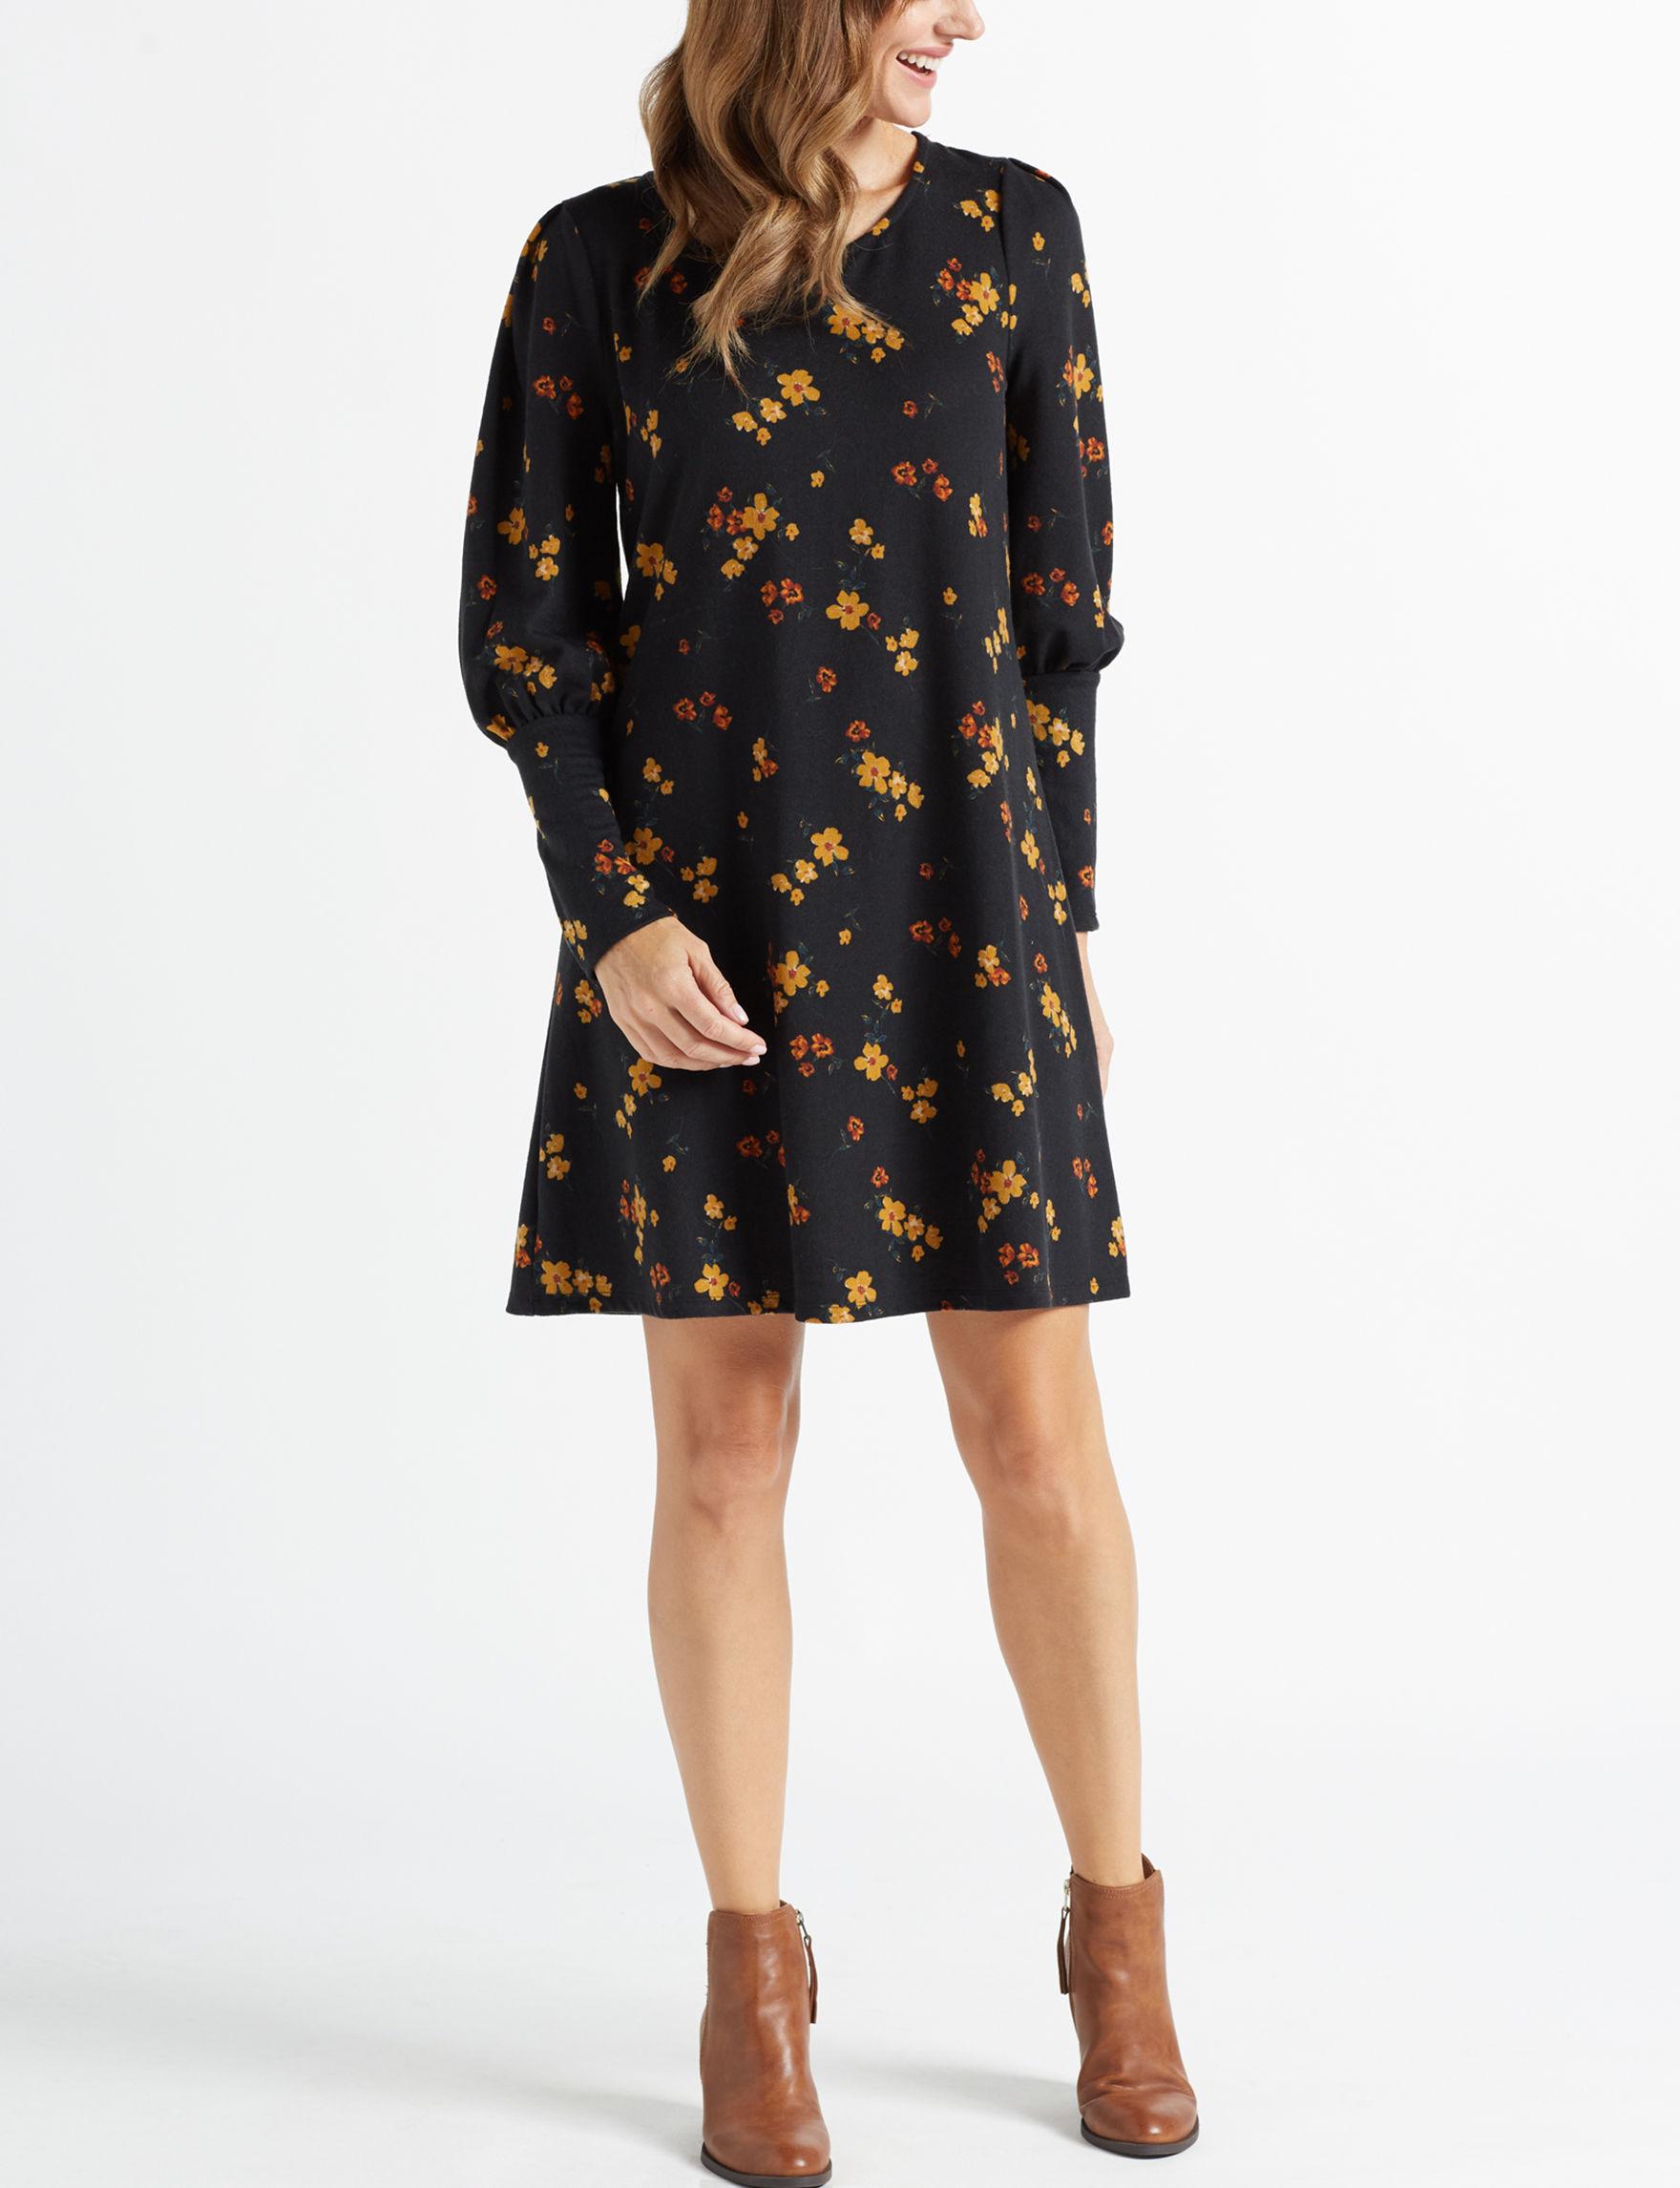 Signature Studio Black Floral Shift Dresses